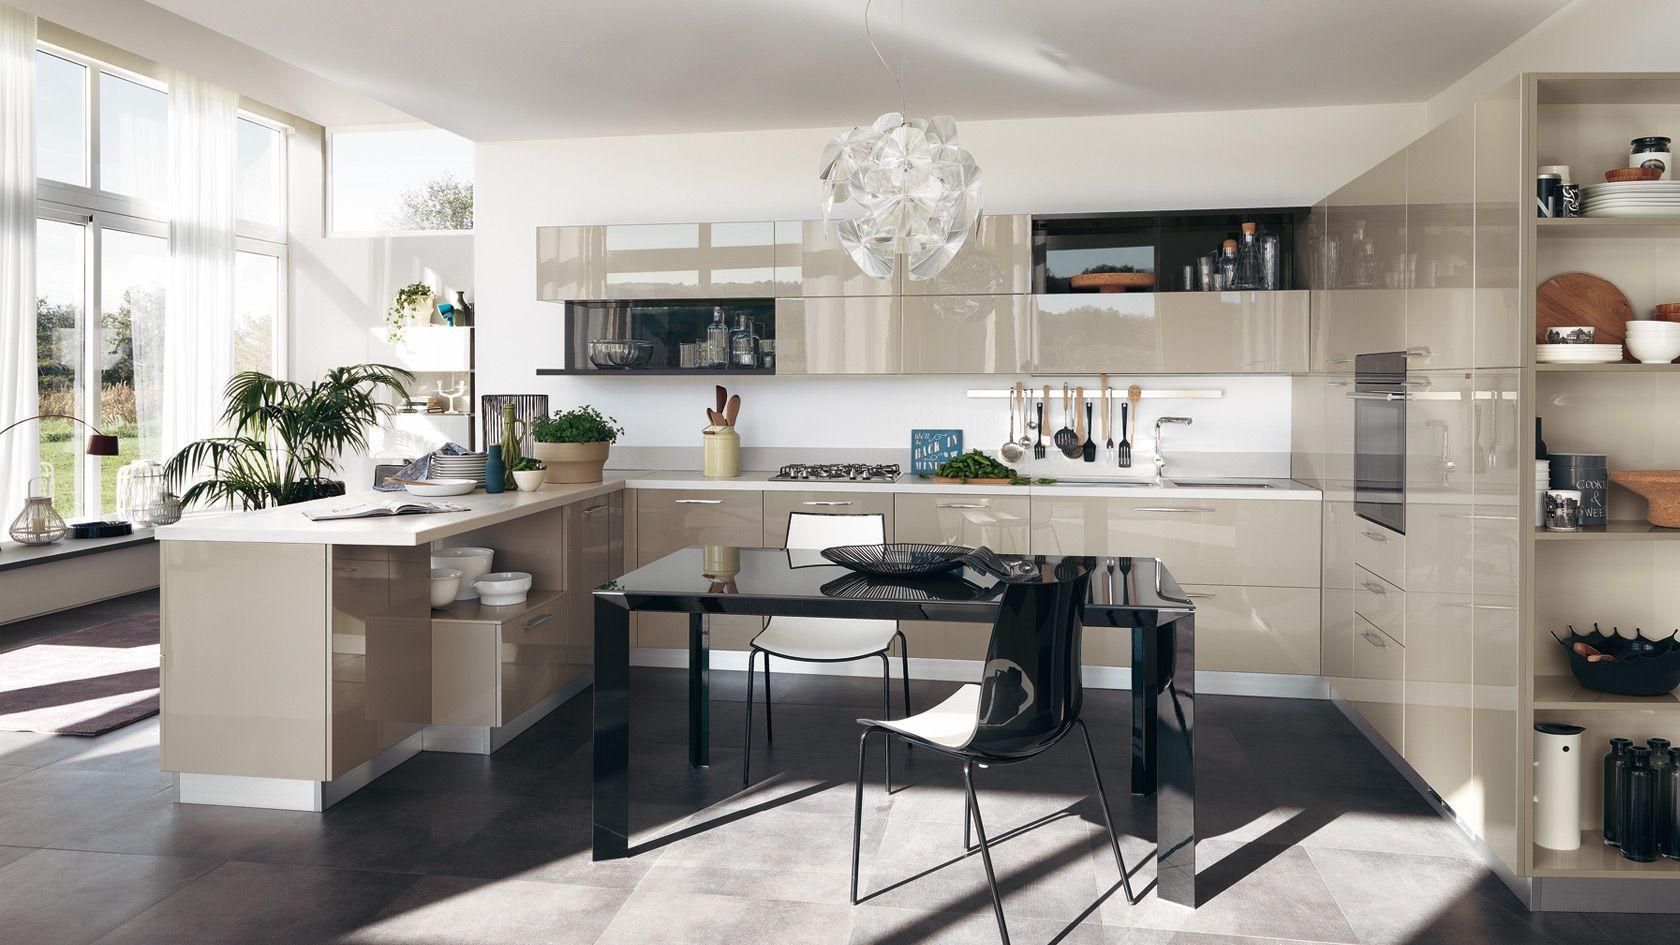 mink-gloss-white-modern-open-kitcen-design-feats-mink-gloss ...